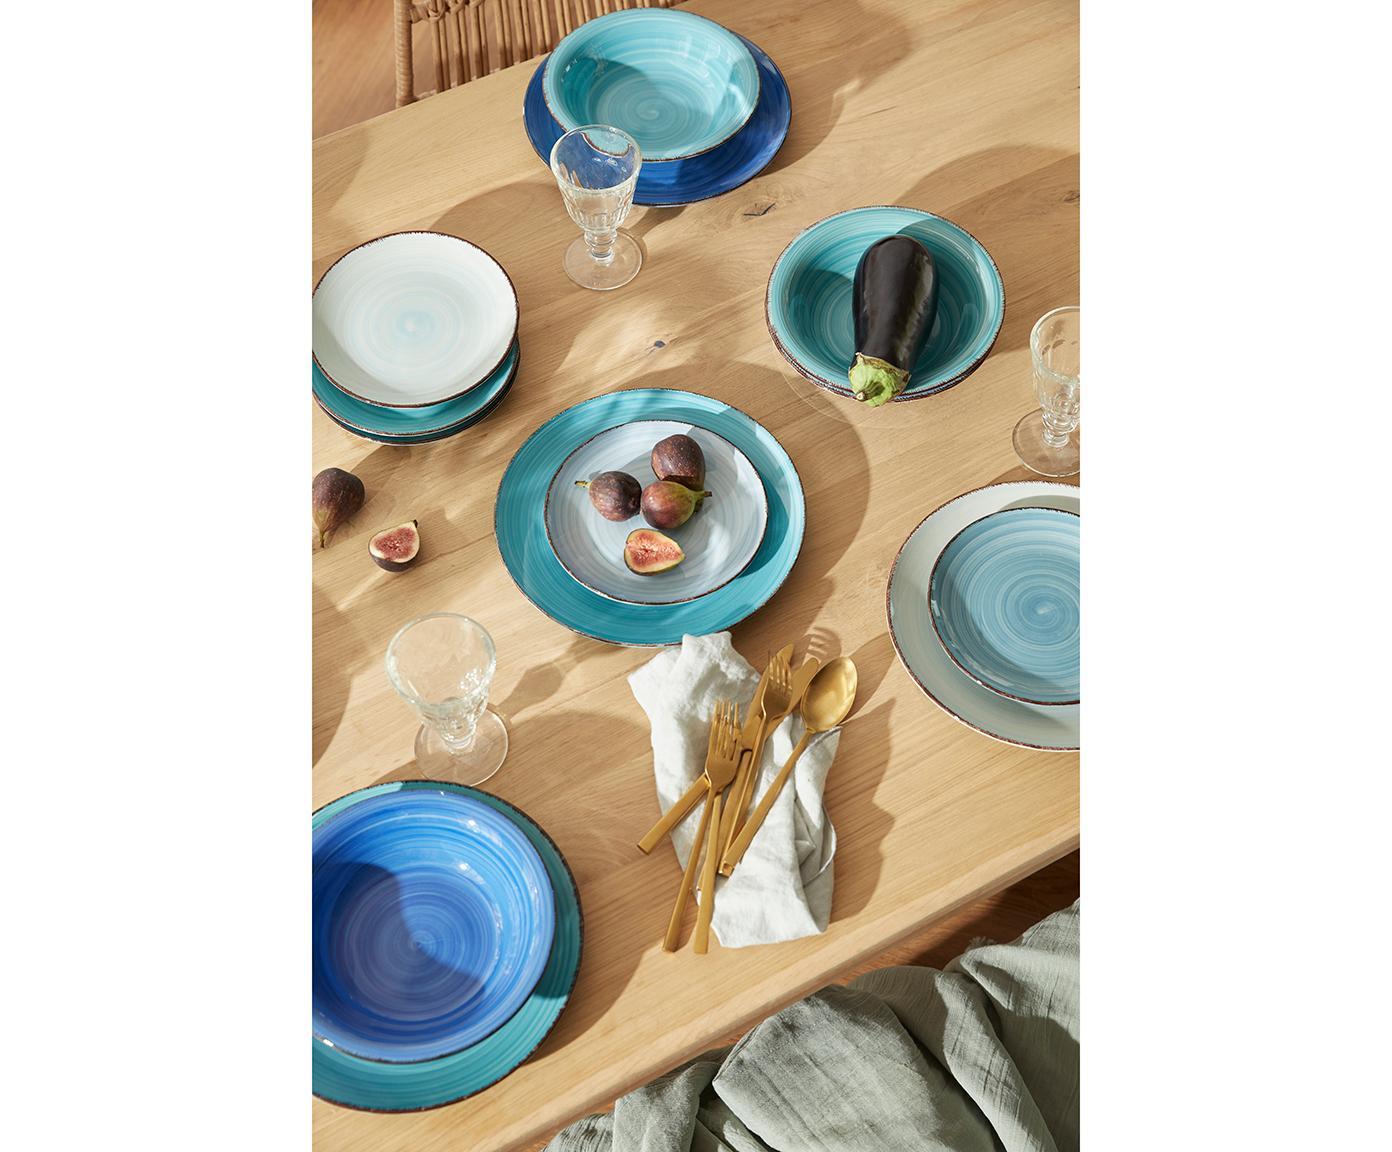 Komplet naczyń  Baita, 18elem., Kamionka (Hard Dolomite), ręcznie malowana, Odcienie niebieskiego, odcienie miętowego, brązowy, Różne rozmiary